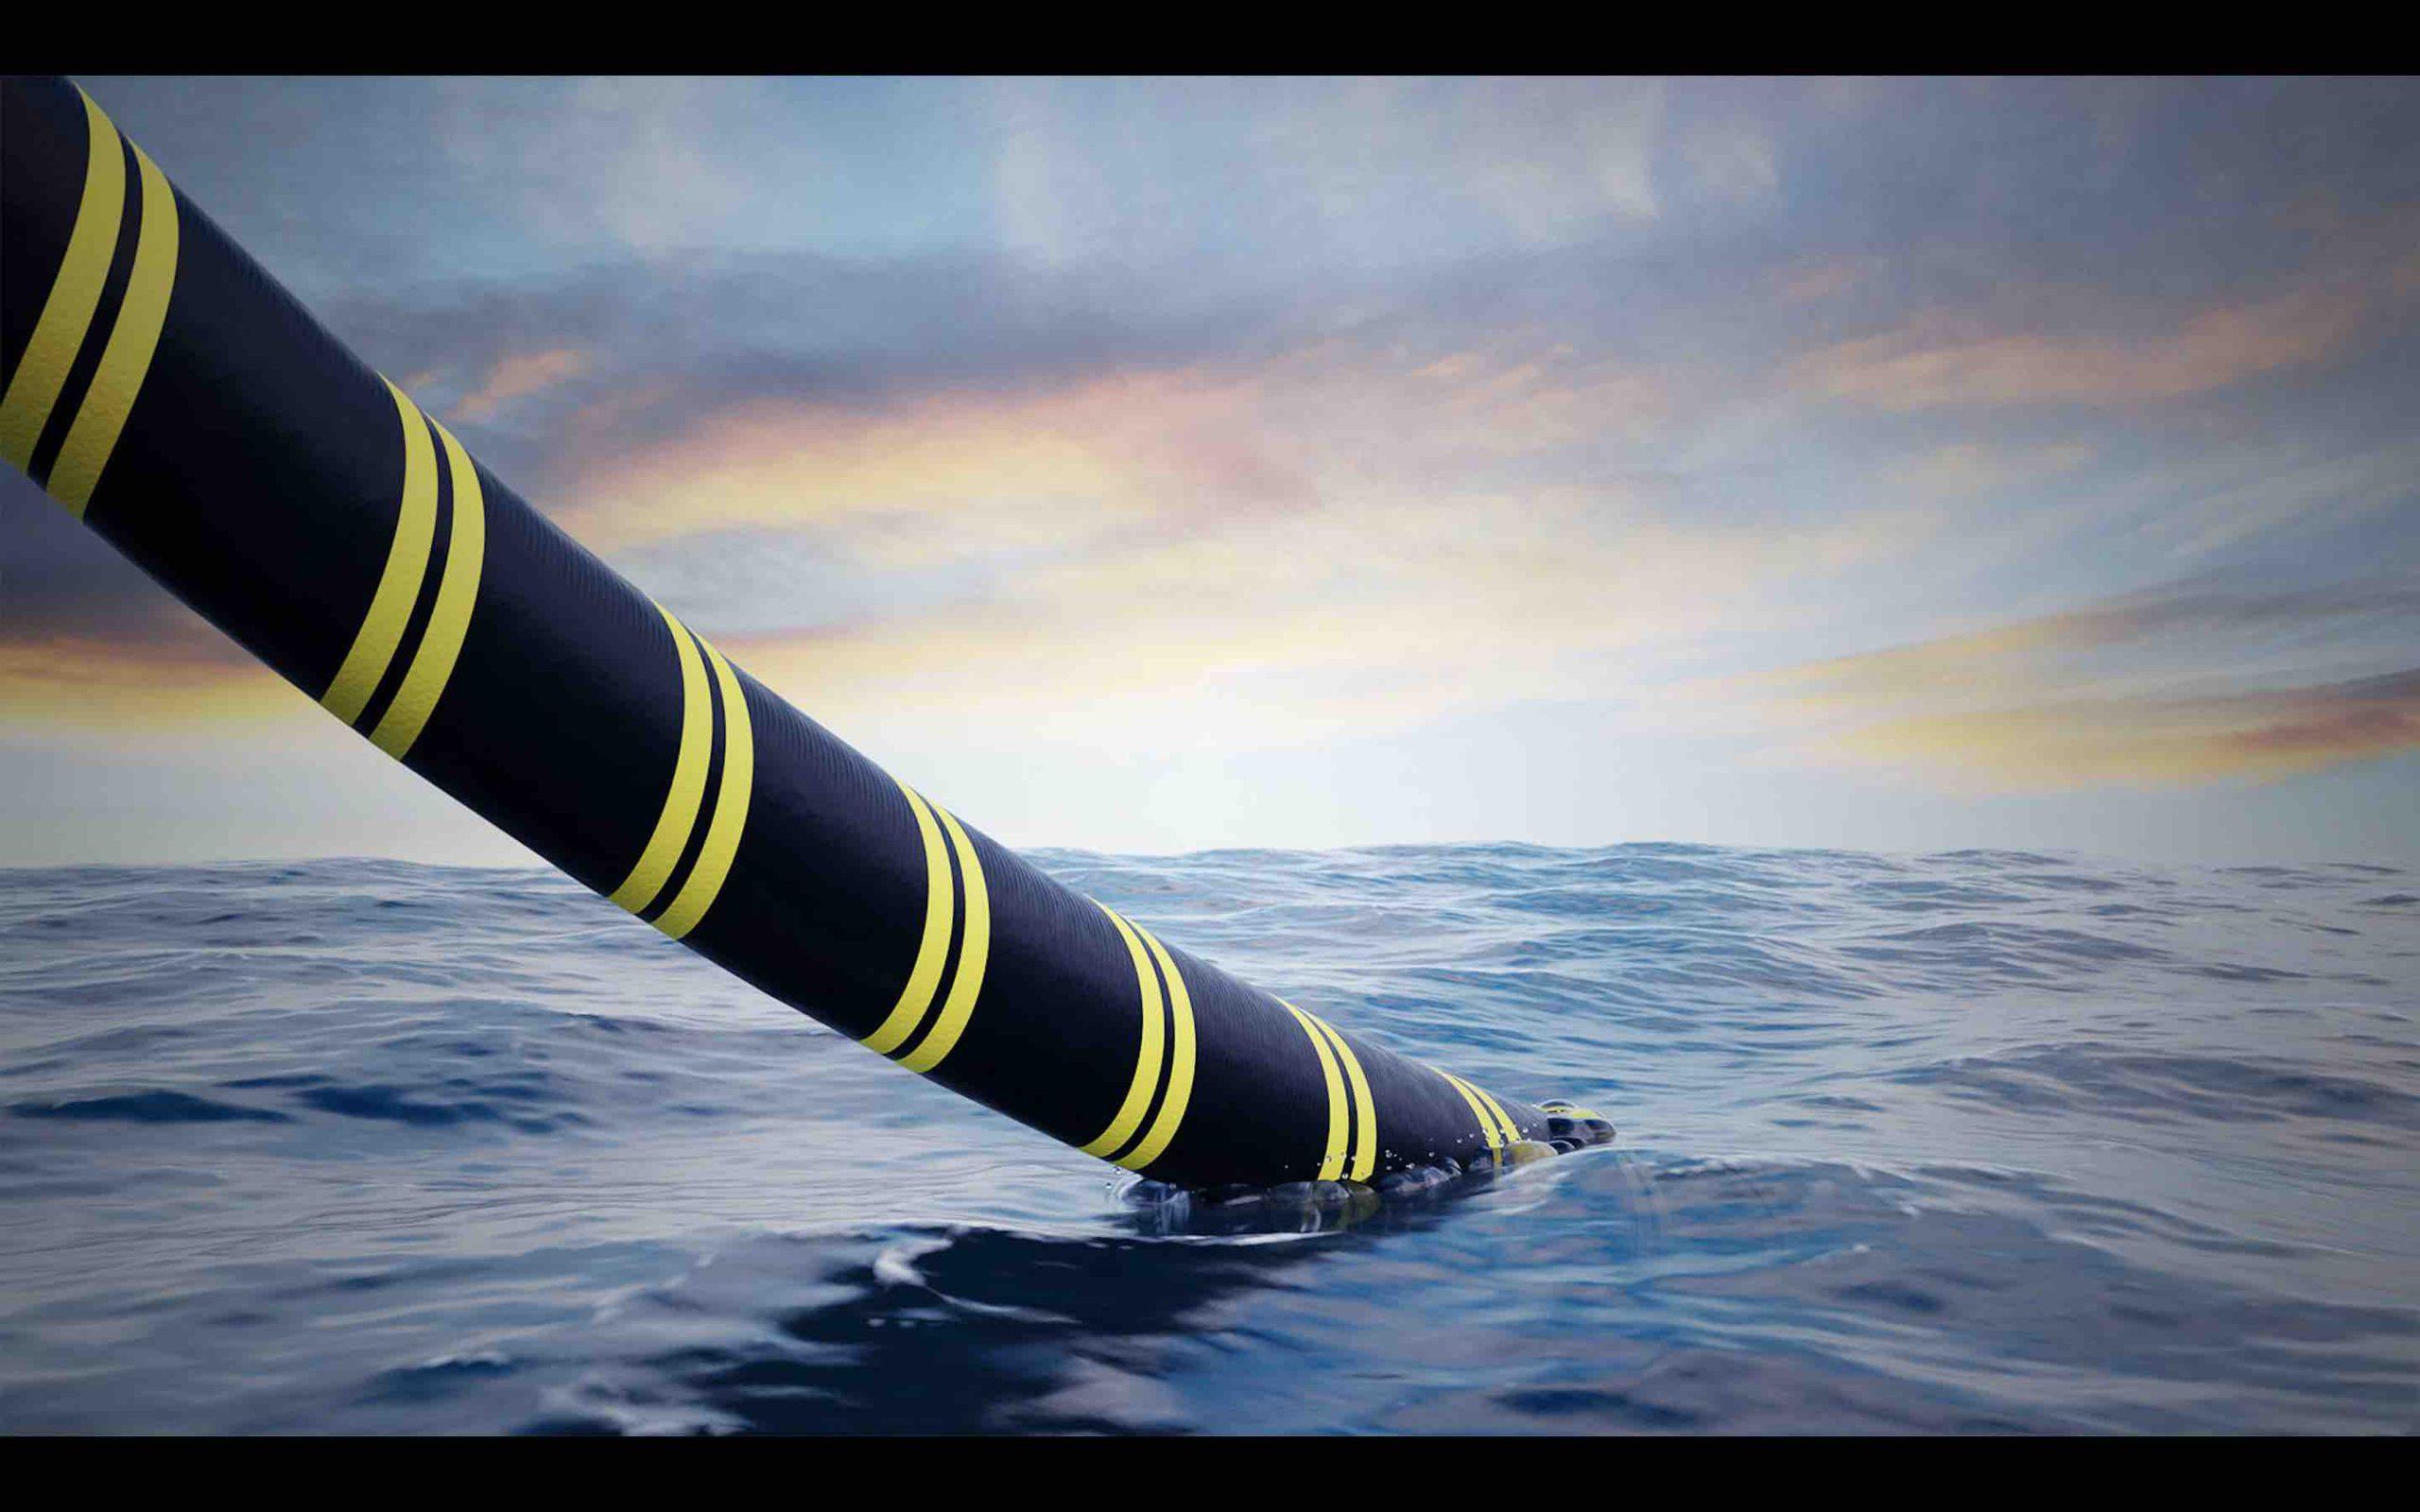 طوله 3800 كلم وبقدرة 10,5 جيغاواط ، بعمق بحري يصل إلى 700 متر ،  مشروع أطول خط كهربائي في العالم  لربط المغرب وبريطانيا لنقل التيار الكهربائي تحت الماء